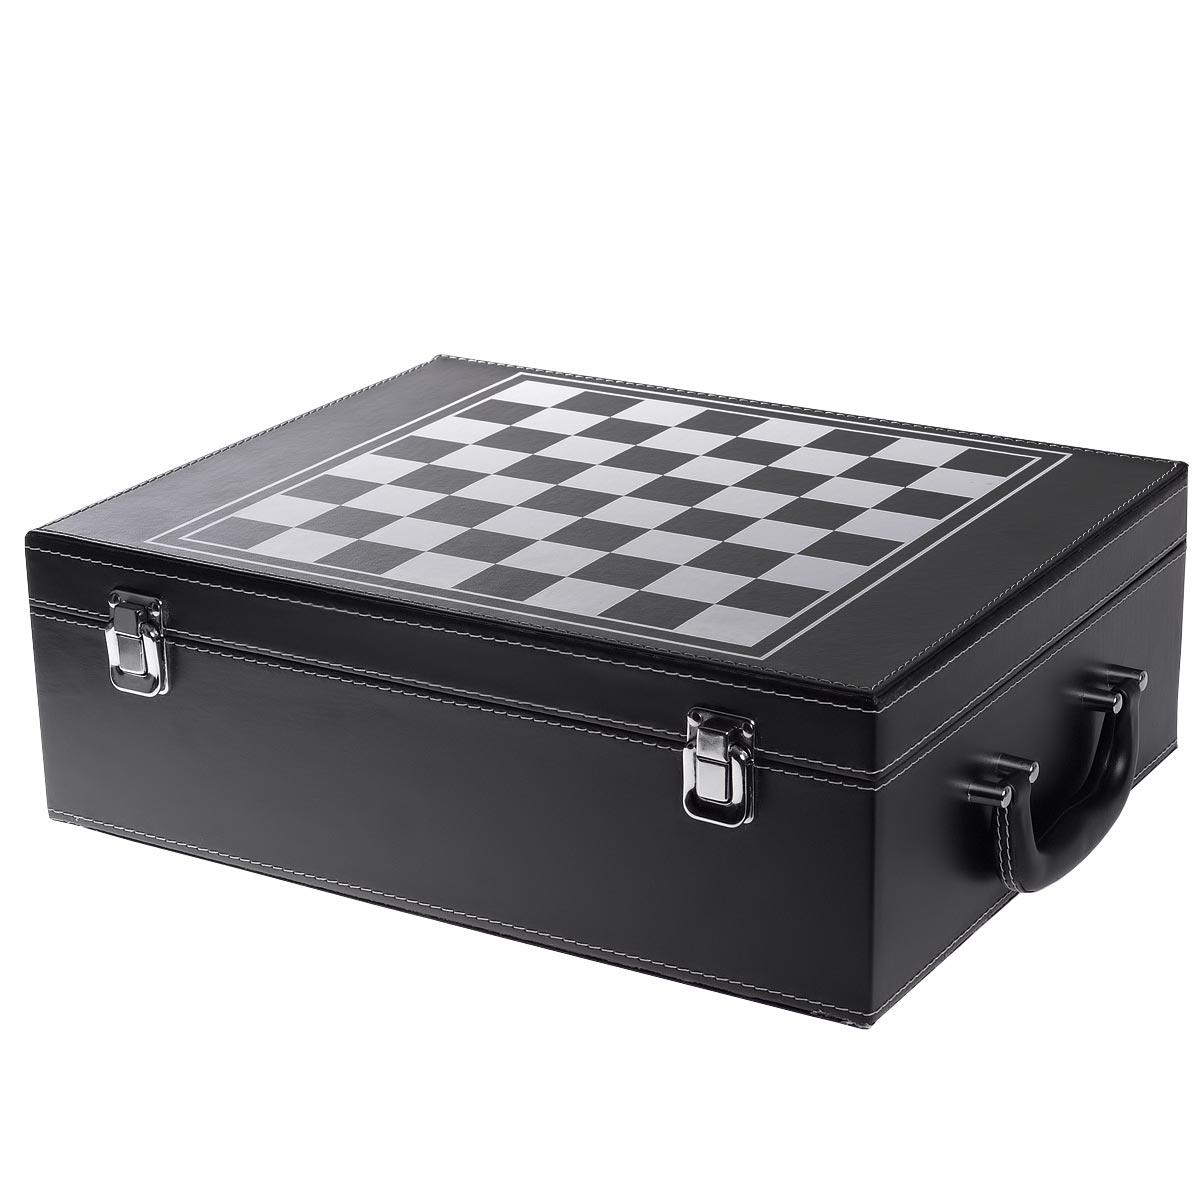 Πολυτελής βαλίτσα με σετ κρασιού 4 τεμαχίων και σκάκι - OEM 52619